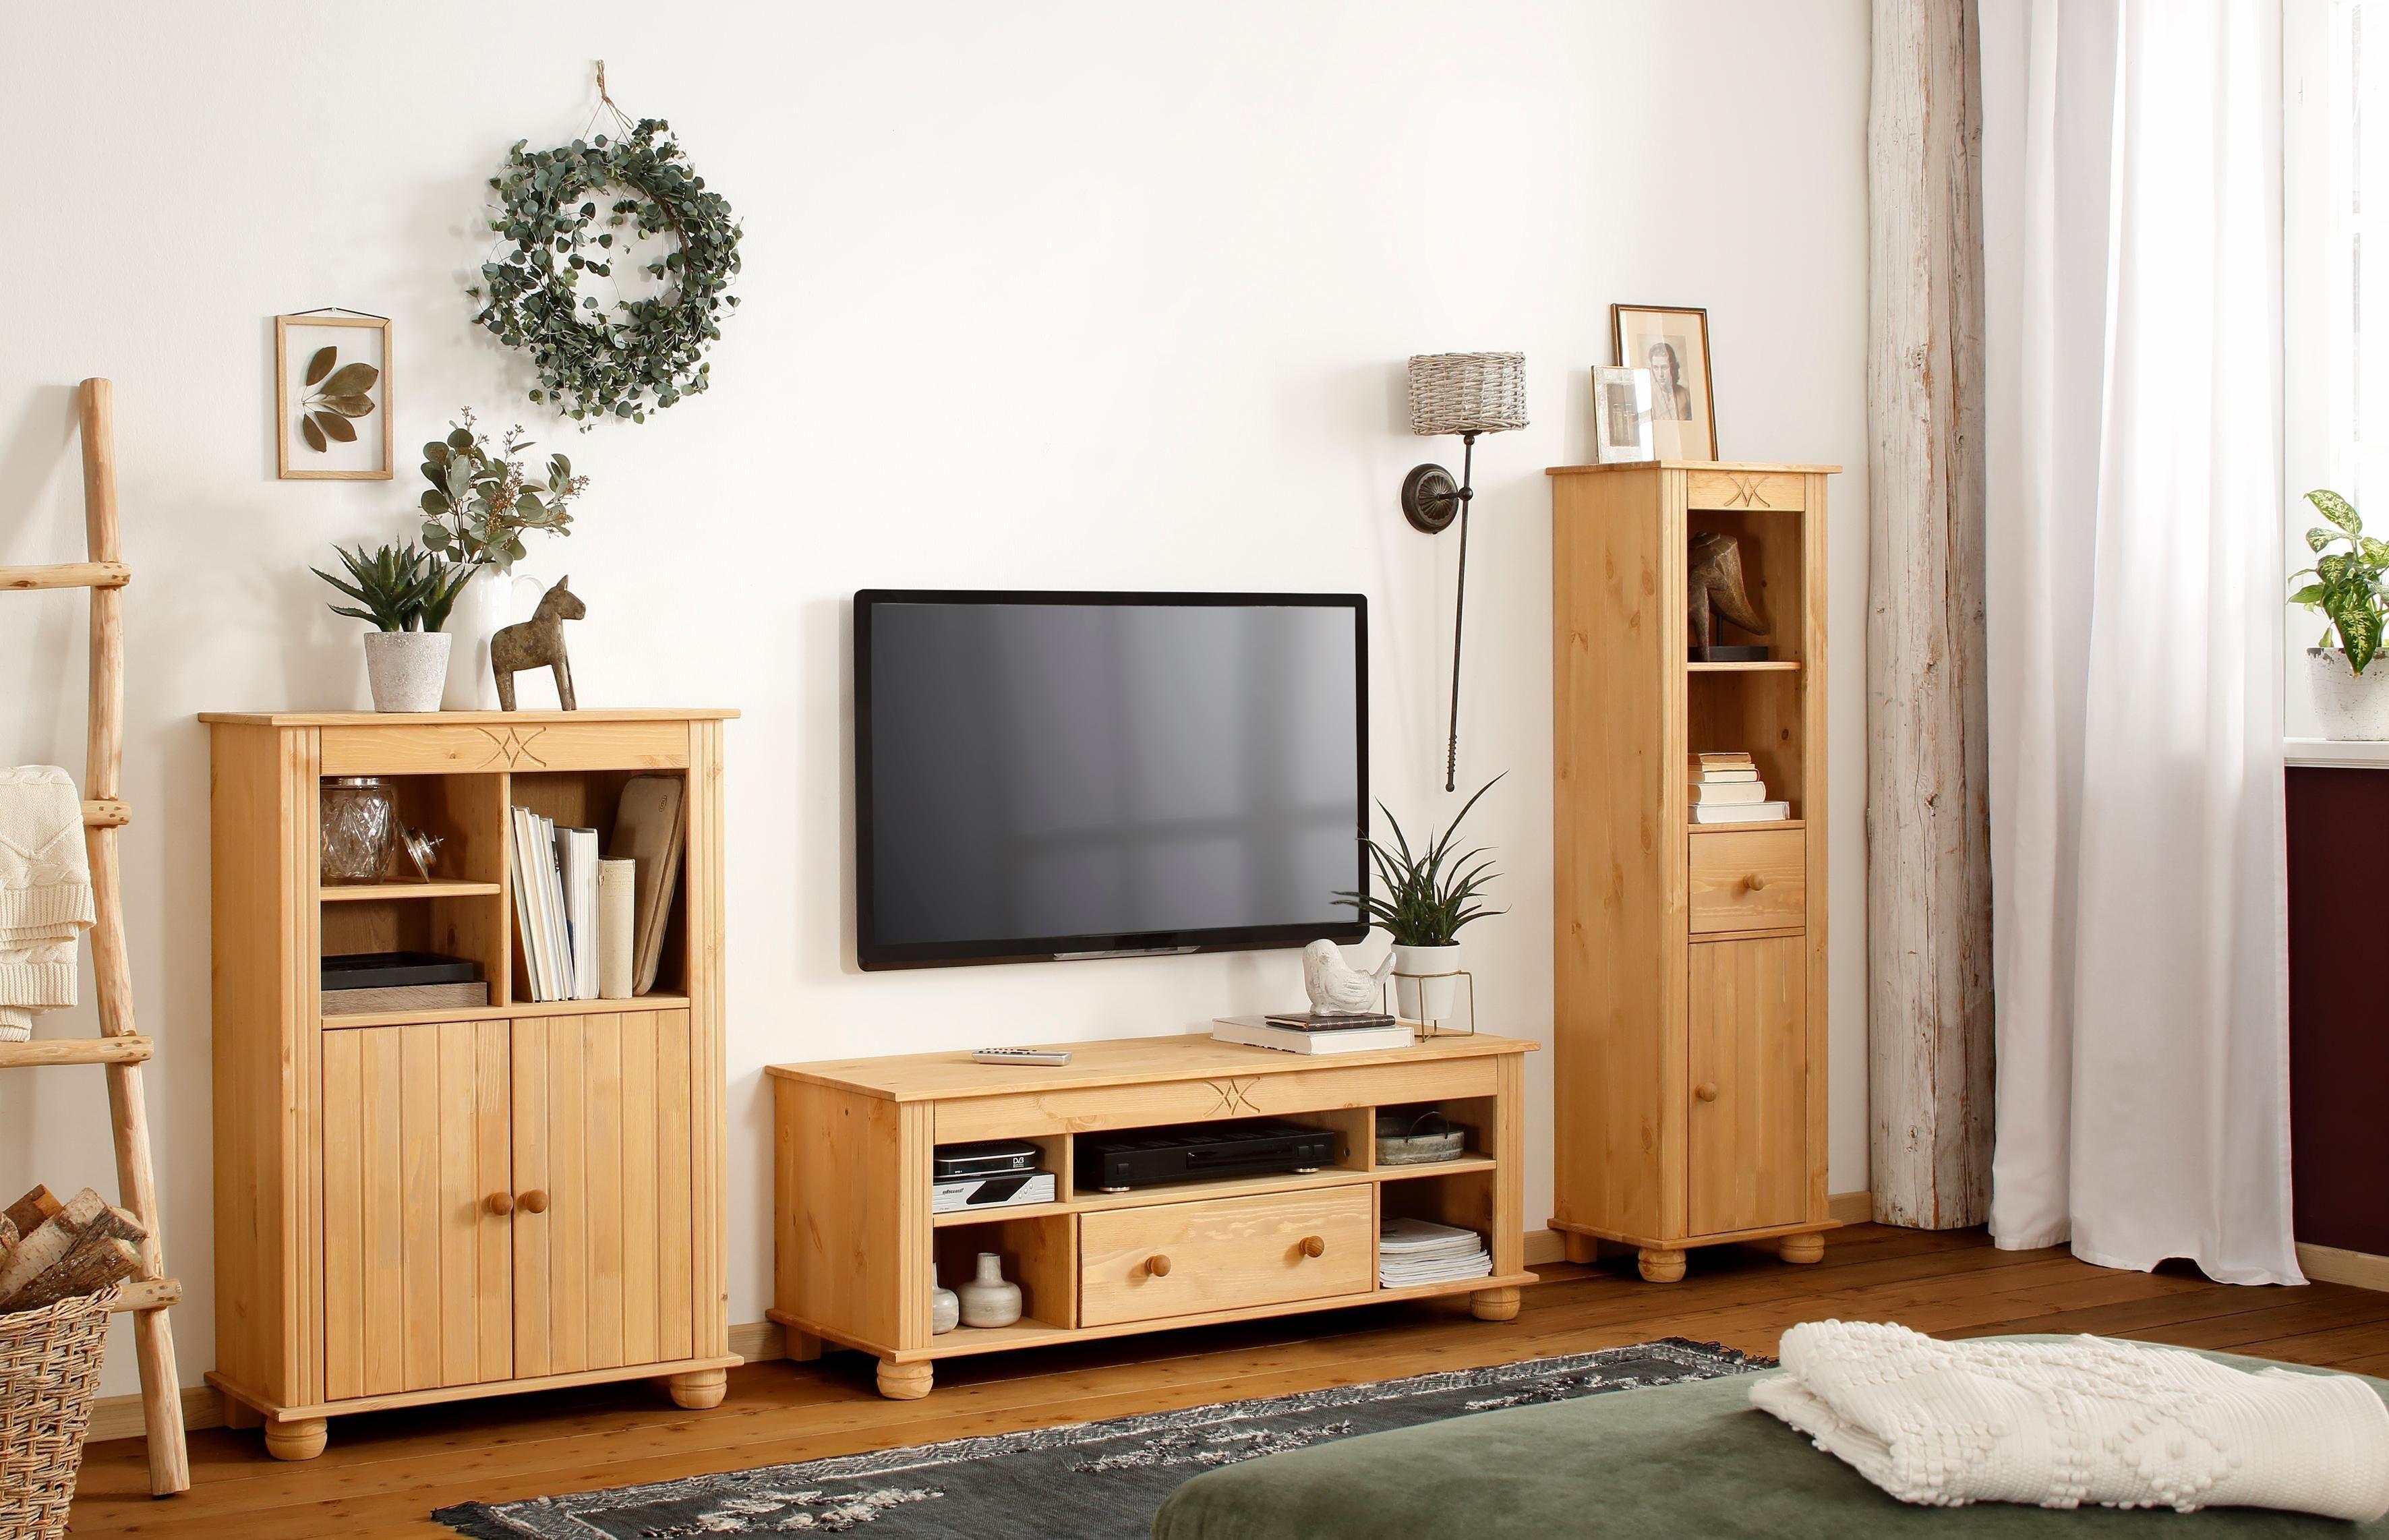 Hifi Rack Glass Door Tv Schrank Weiss Amazon Tisch Fernseher